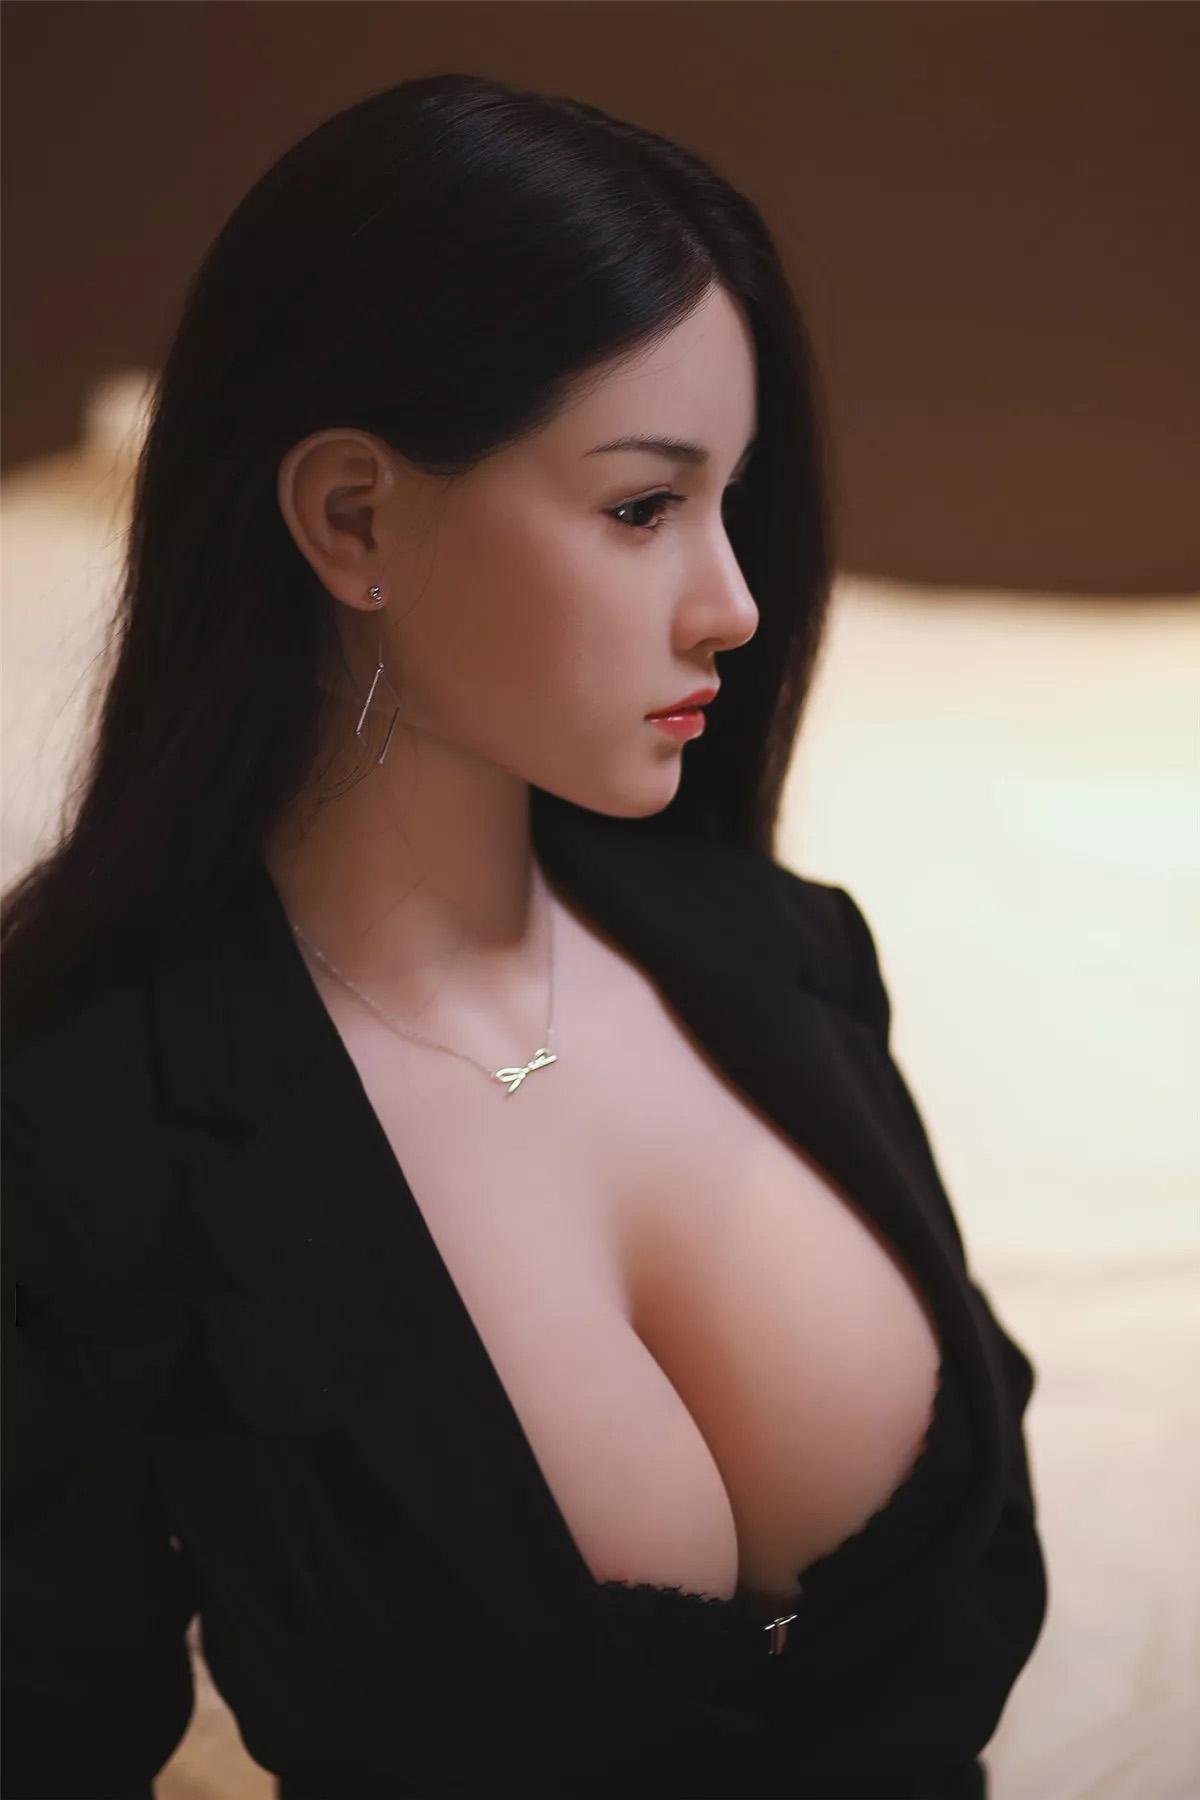 H9481d1c1c4d8476ea80c137da994353cK Muñecas sexuales de silicona Real para hombres adultos, Robot de amor de Anime japonés de 158cm, juguetes realistas de vida para hombres, con pecho grande y completo, Vagina y atractiva